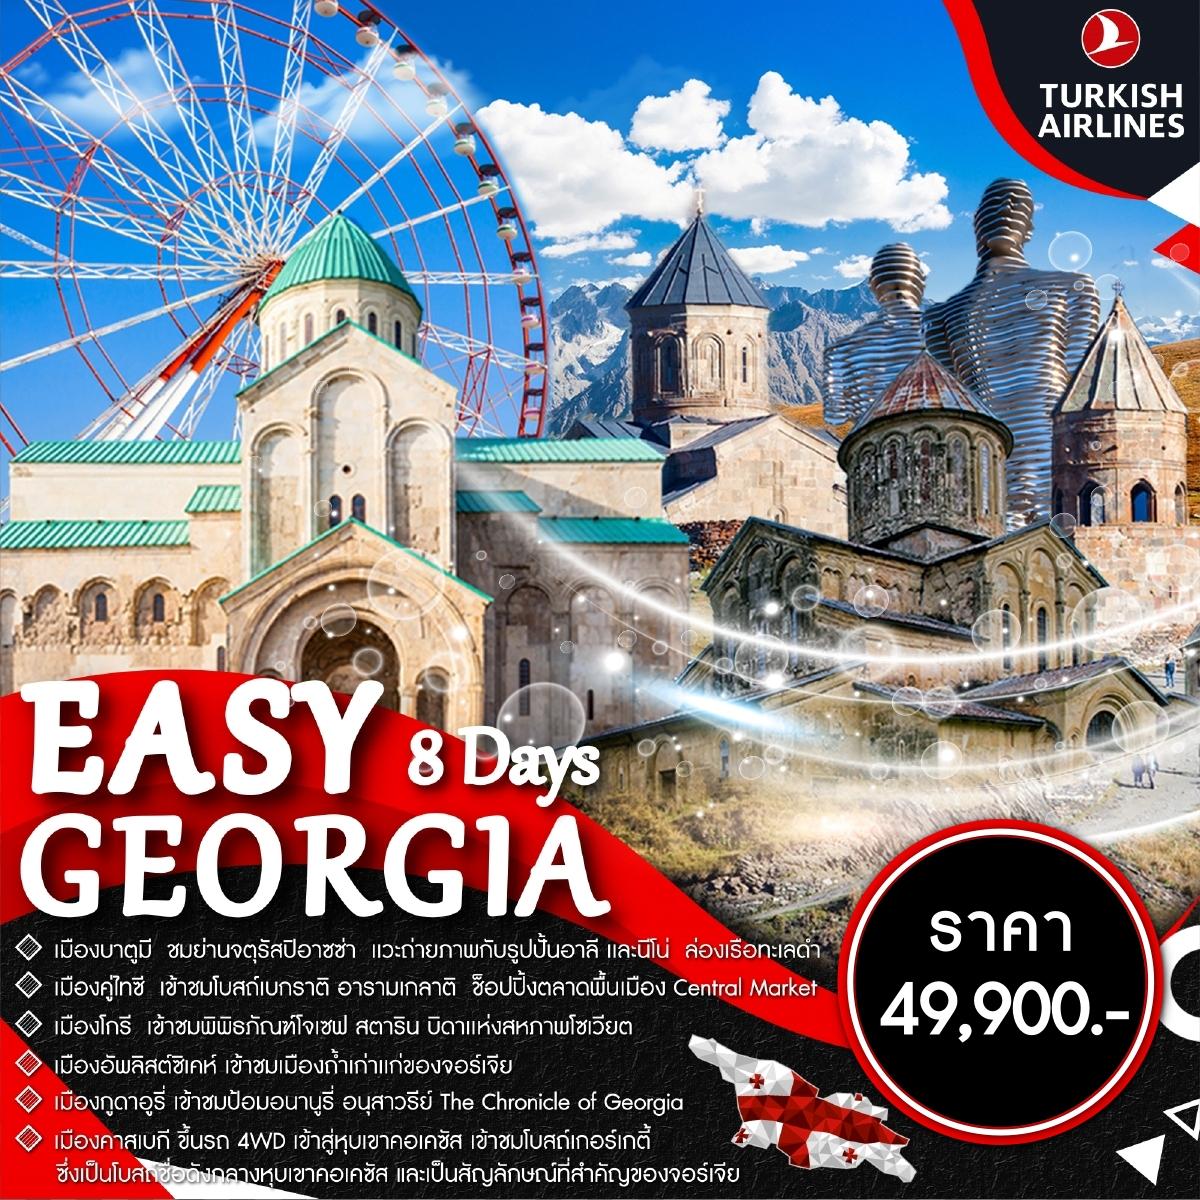 ทัวร์จอร์เจีย-Easy-Georgia-8วัน5คืน-(TK)-(APR'20)